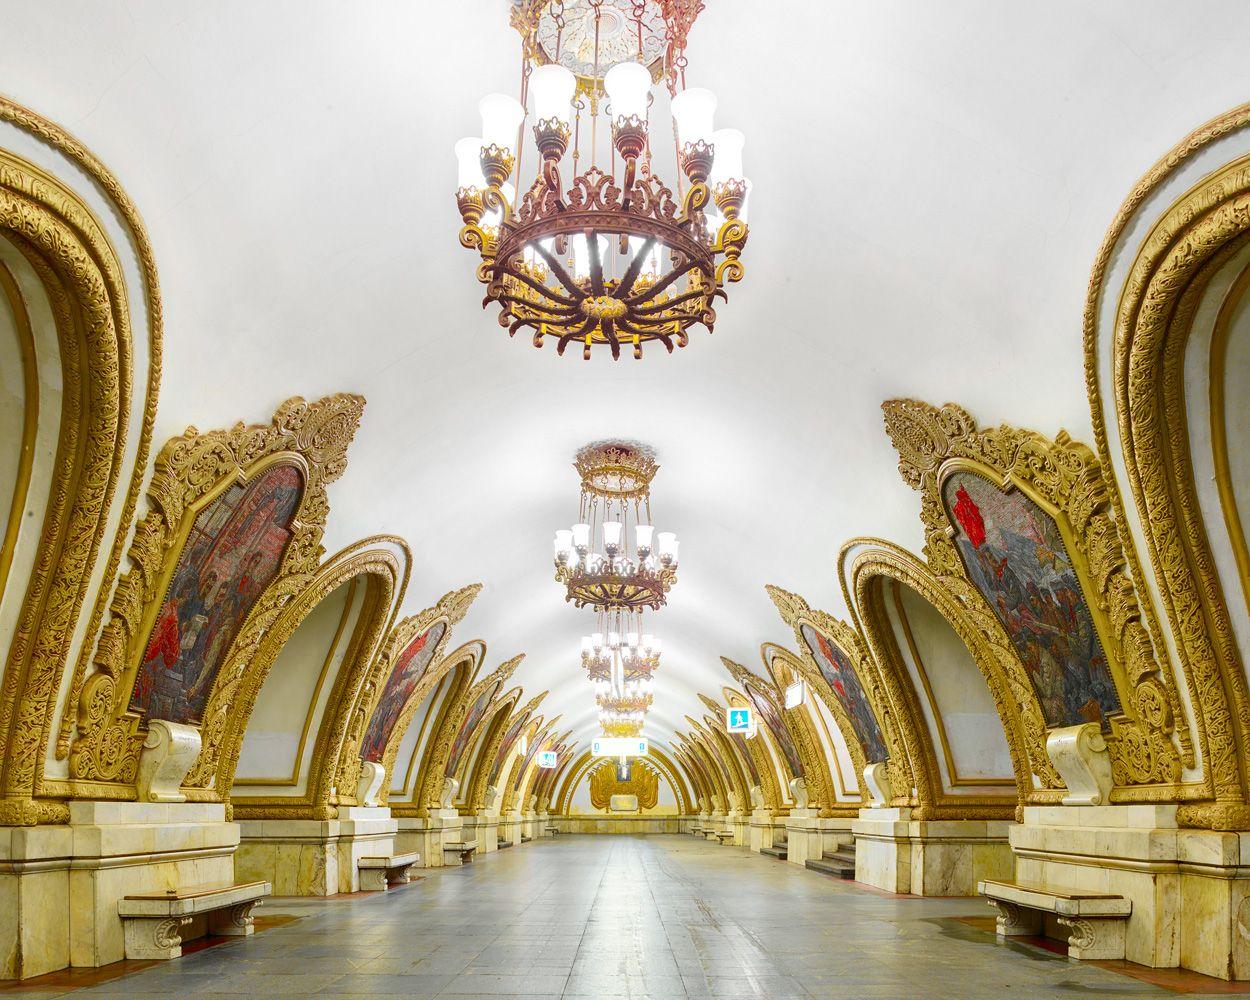 Dans sa nouvelle série, le photographe américain David Burdeny expose toute la grandeur de la Russie. À travers ses stations de métro.